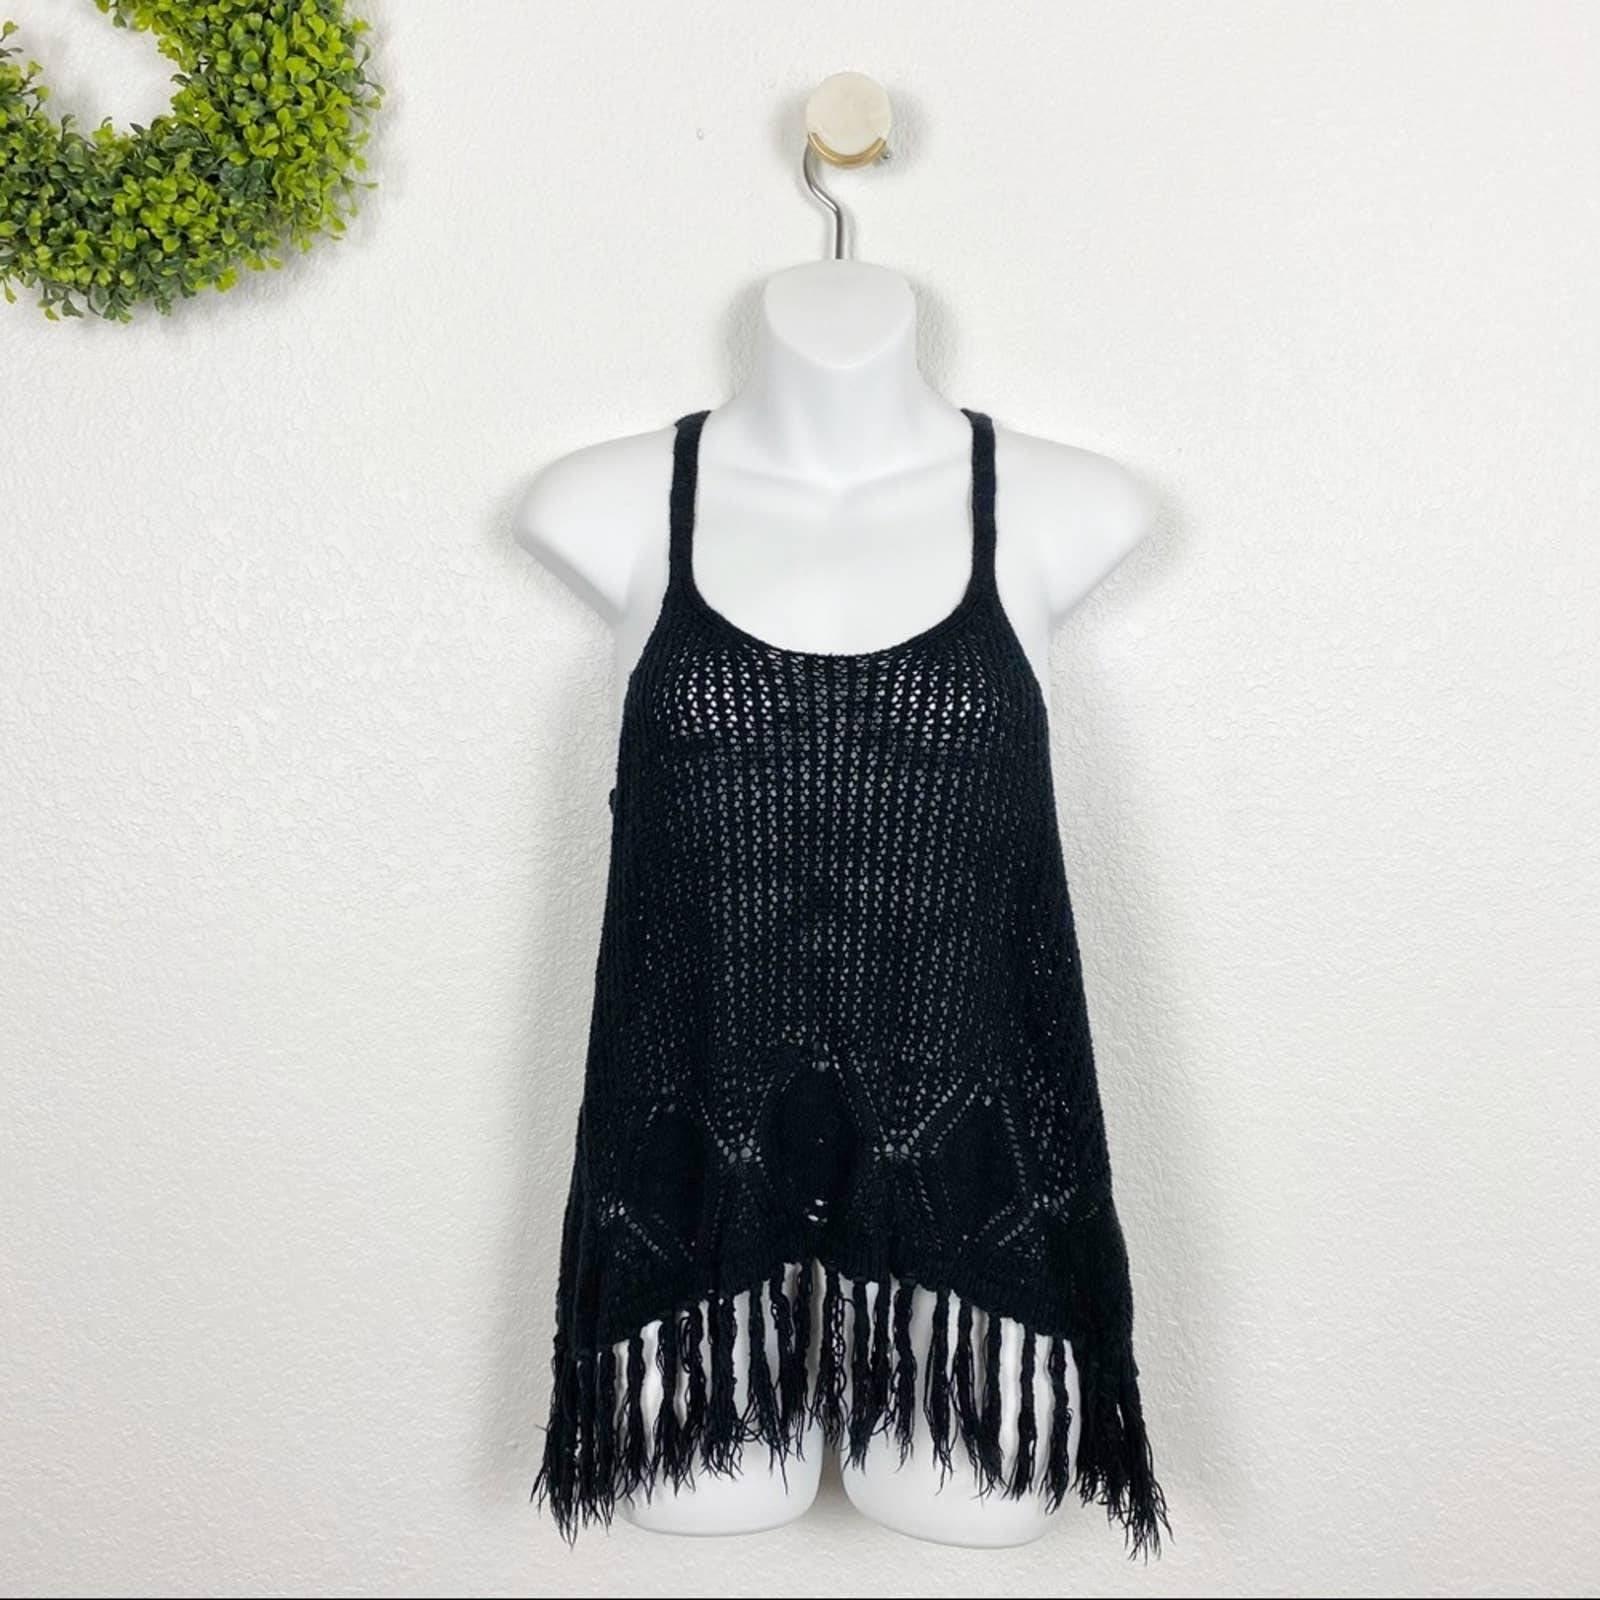 Black Crochet Knit Fringe Festival Tank